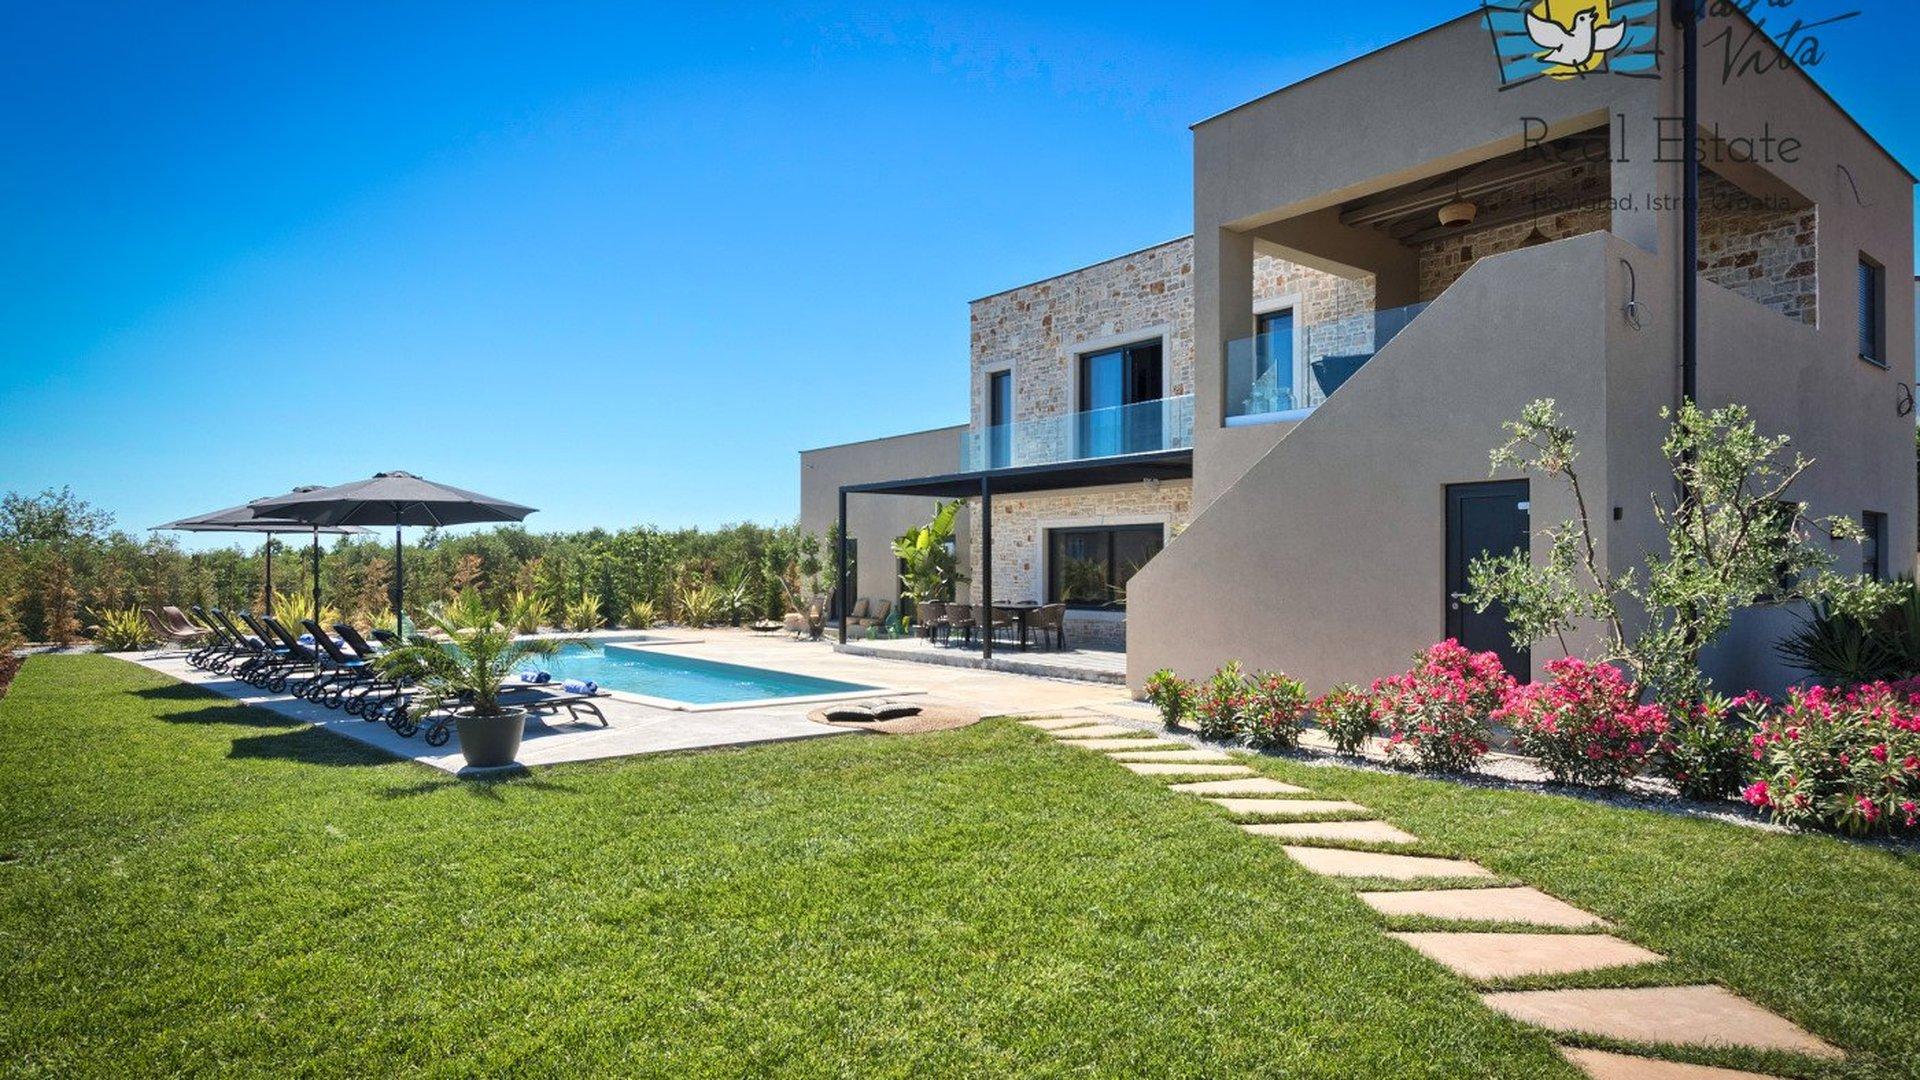 Designer villas are the pinnacle of uniqueness in architecture